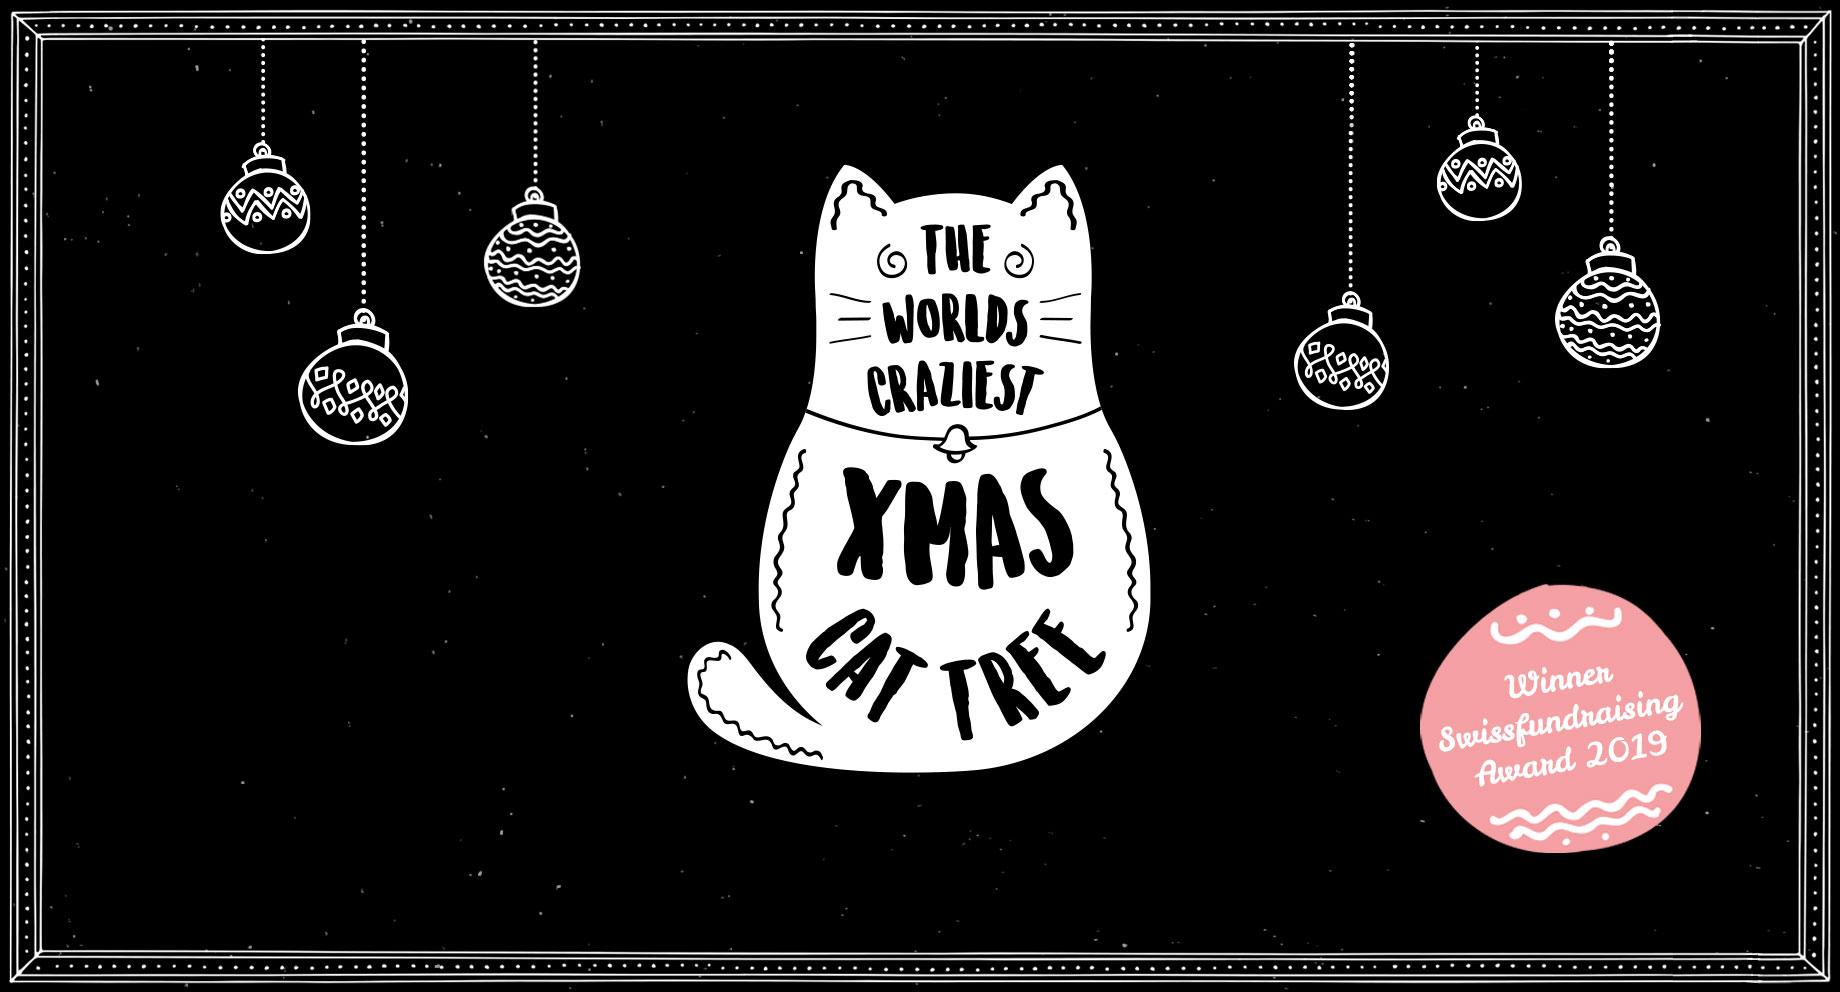 Xmas Cat Tree